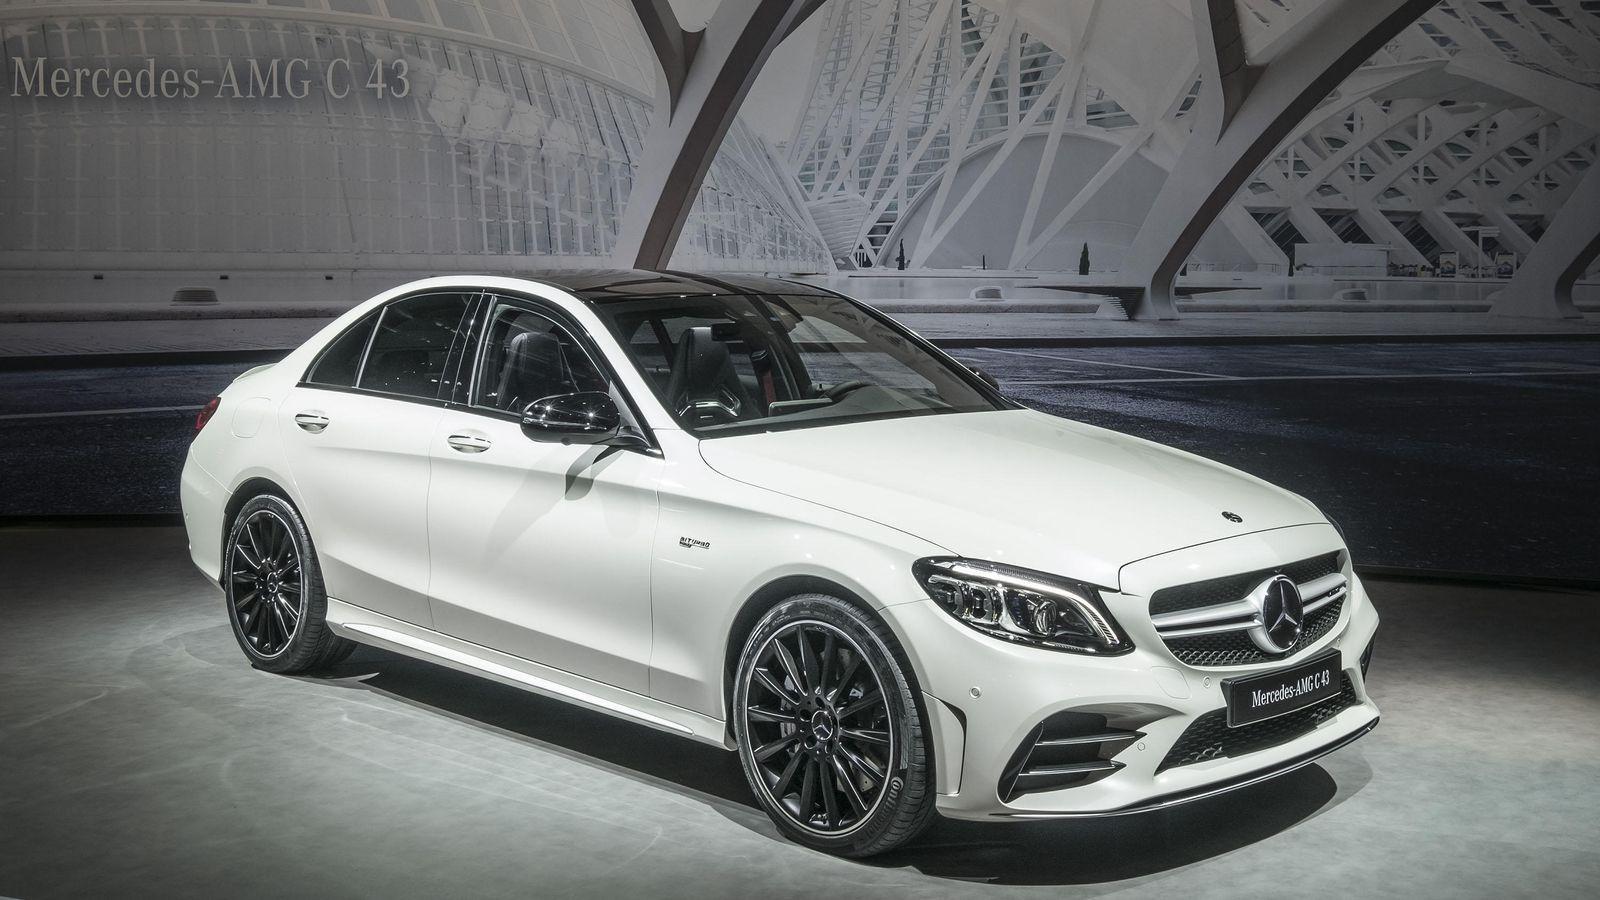 2019 Mercedes Amg E43 Interior Exterior And Review Car Gallery